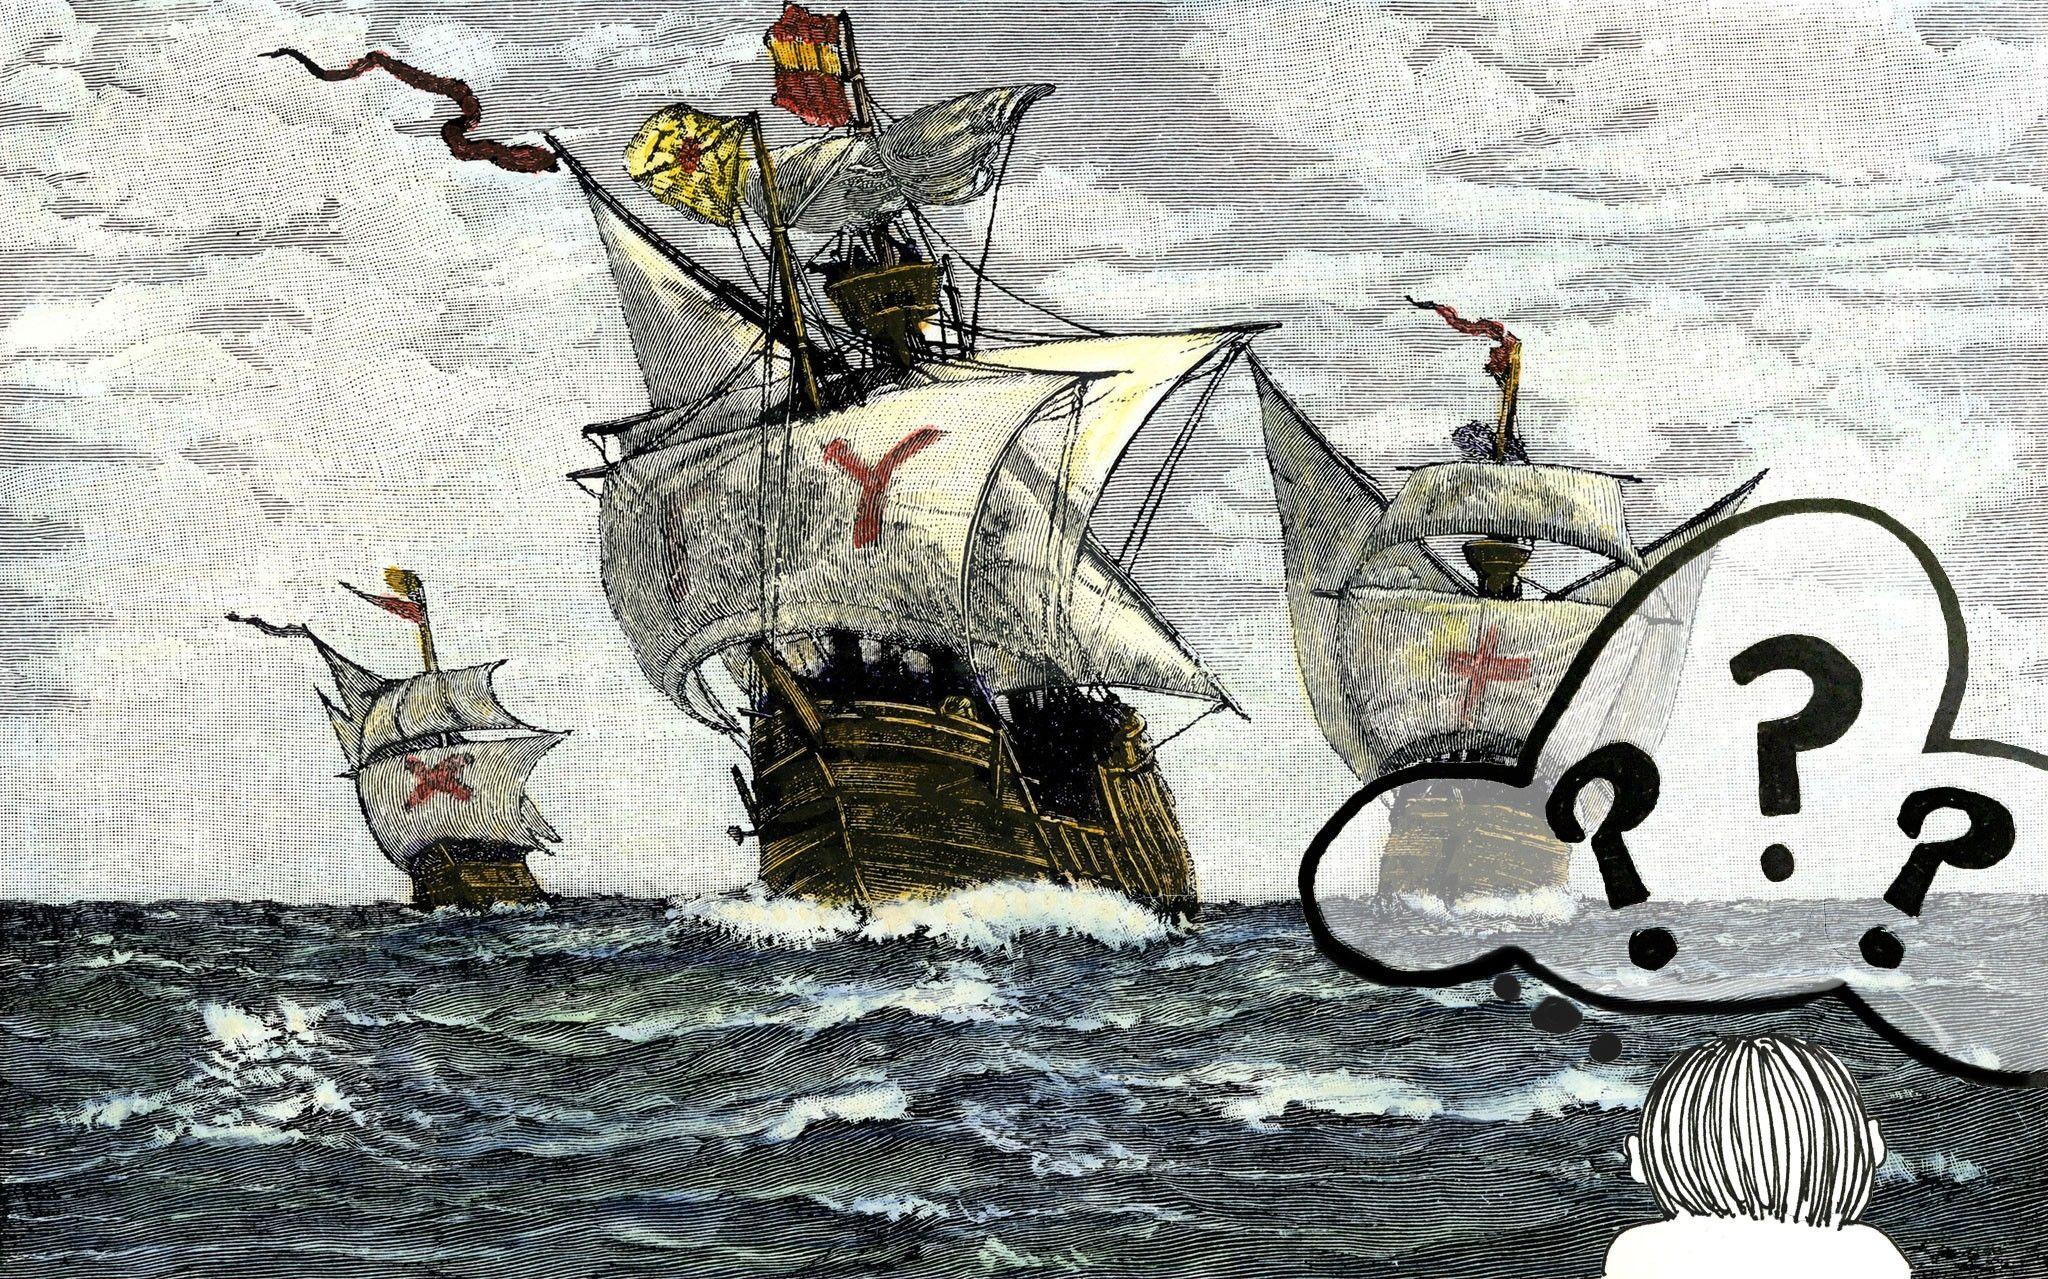 Kolumbus' Missgeschicke: Wie funktioniert ein Erstkontakt? | National Geographic